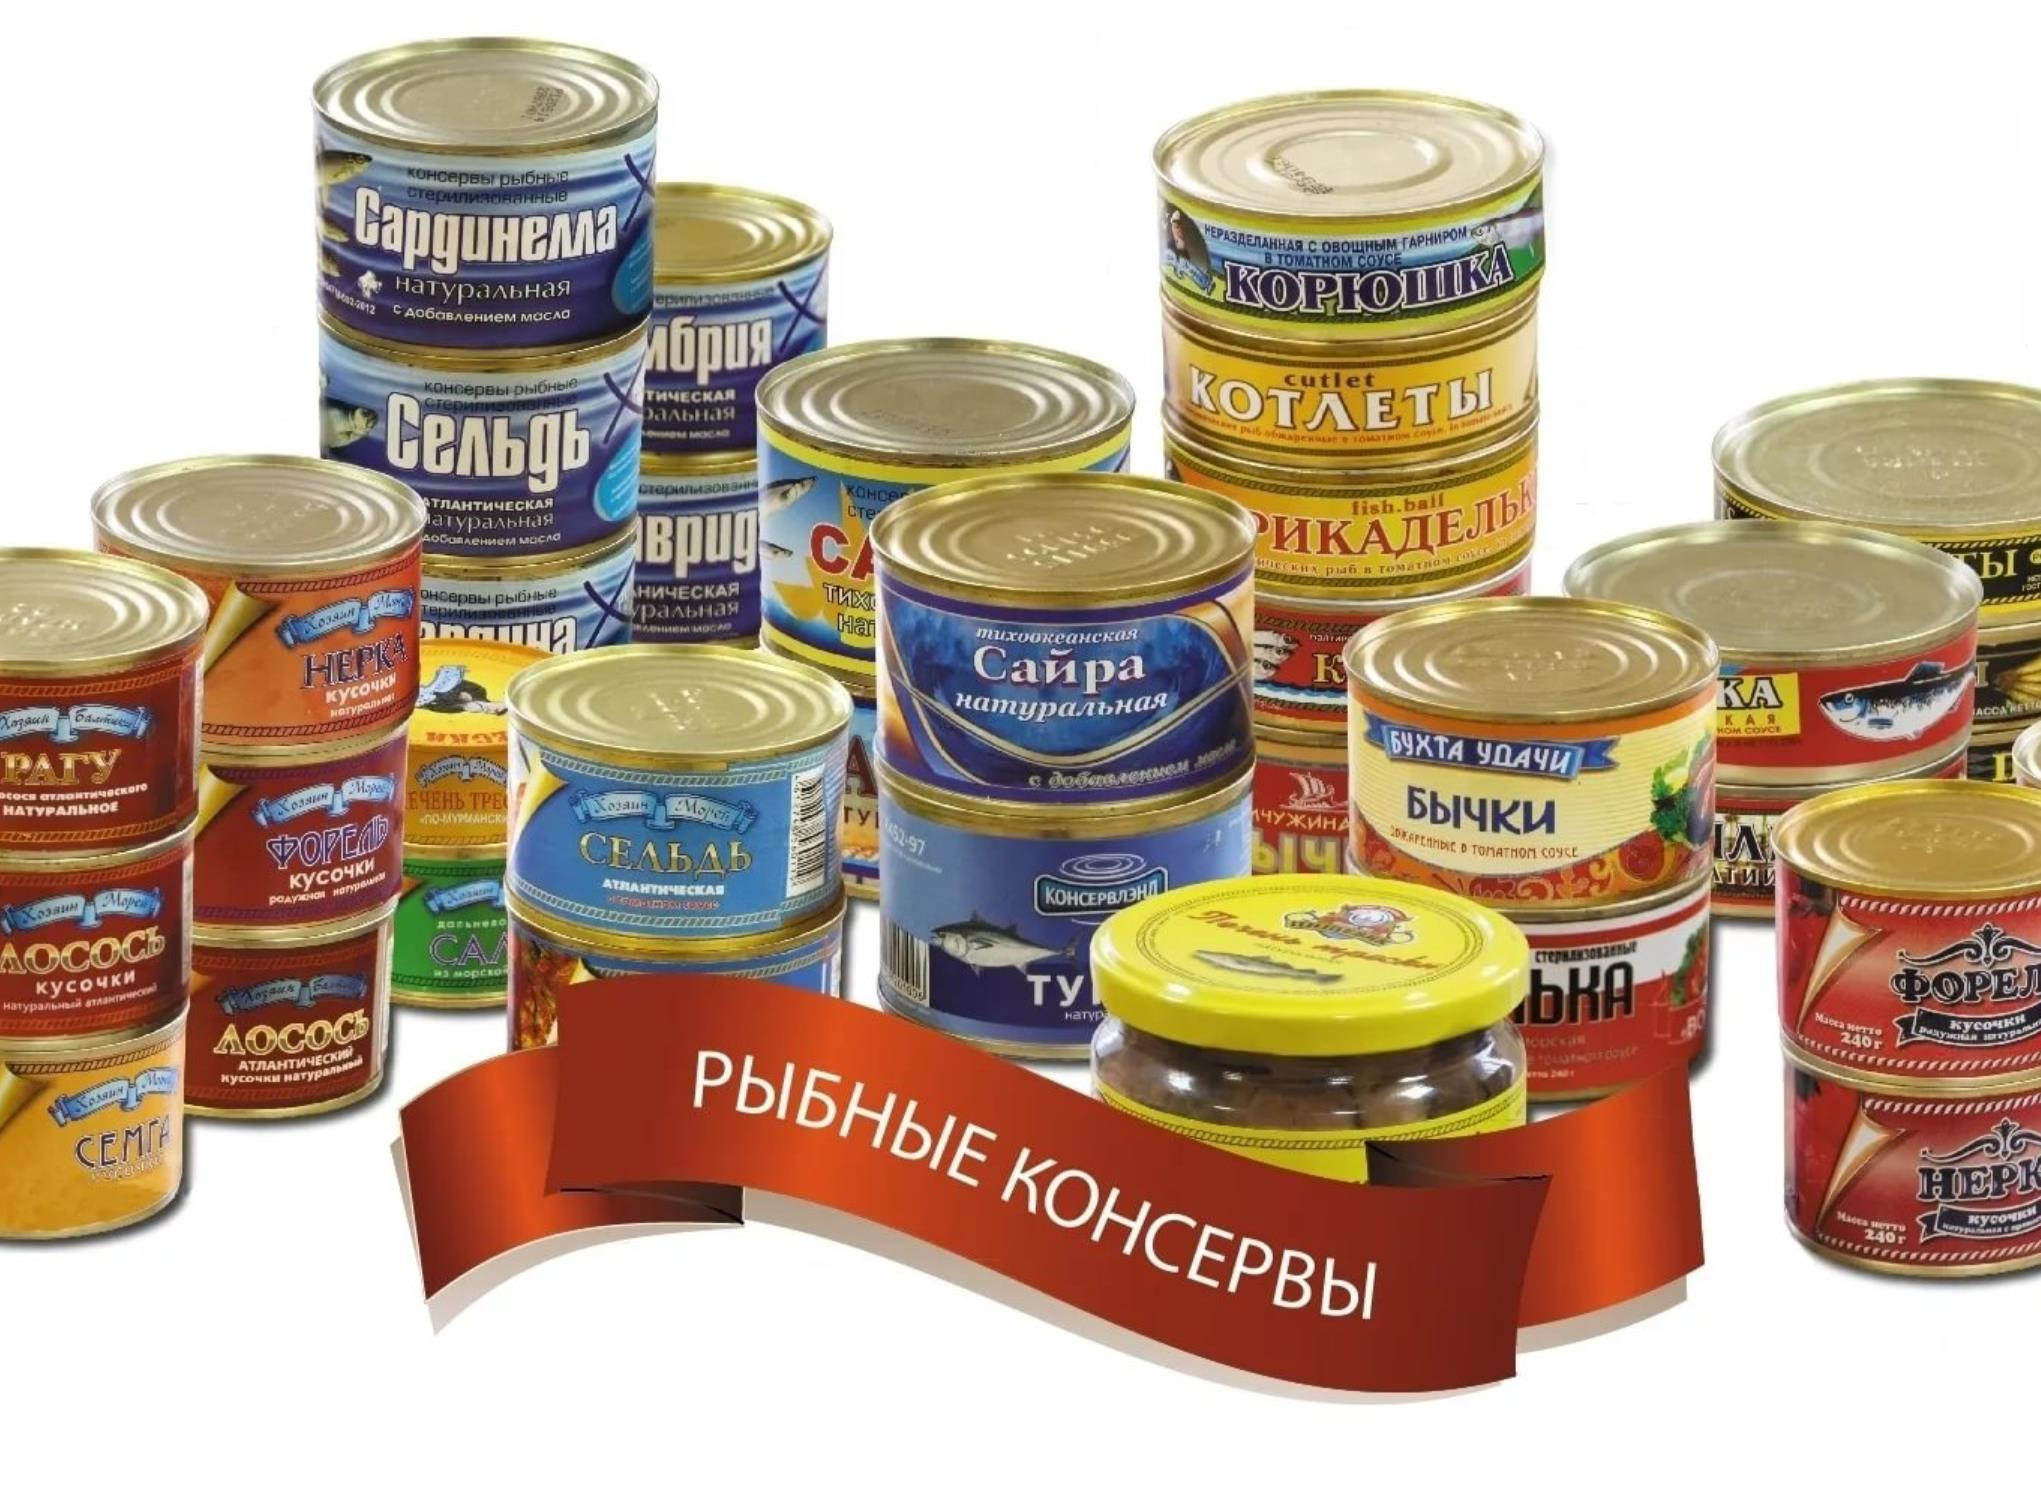 Лучший маркетолог СССР Молотов или как граждан СССР приучили есть рыбные консервы